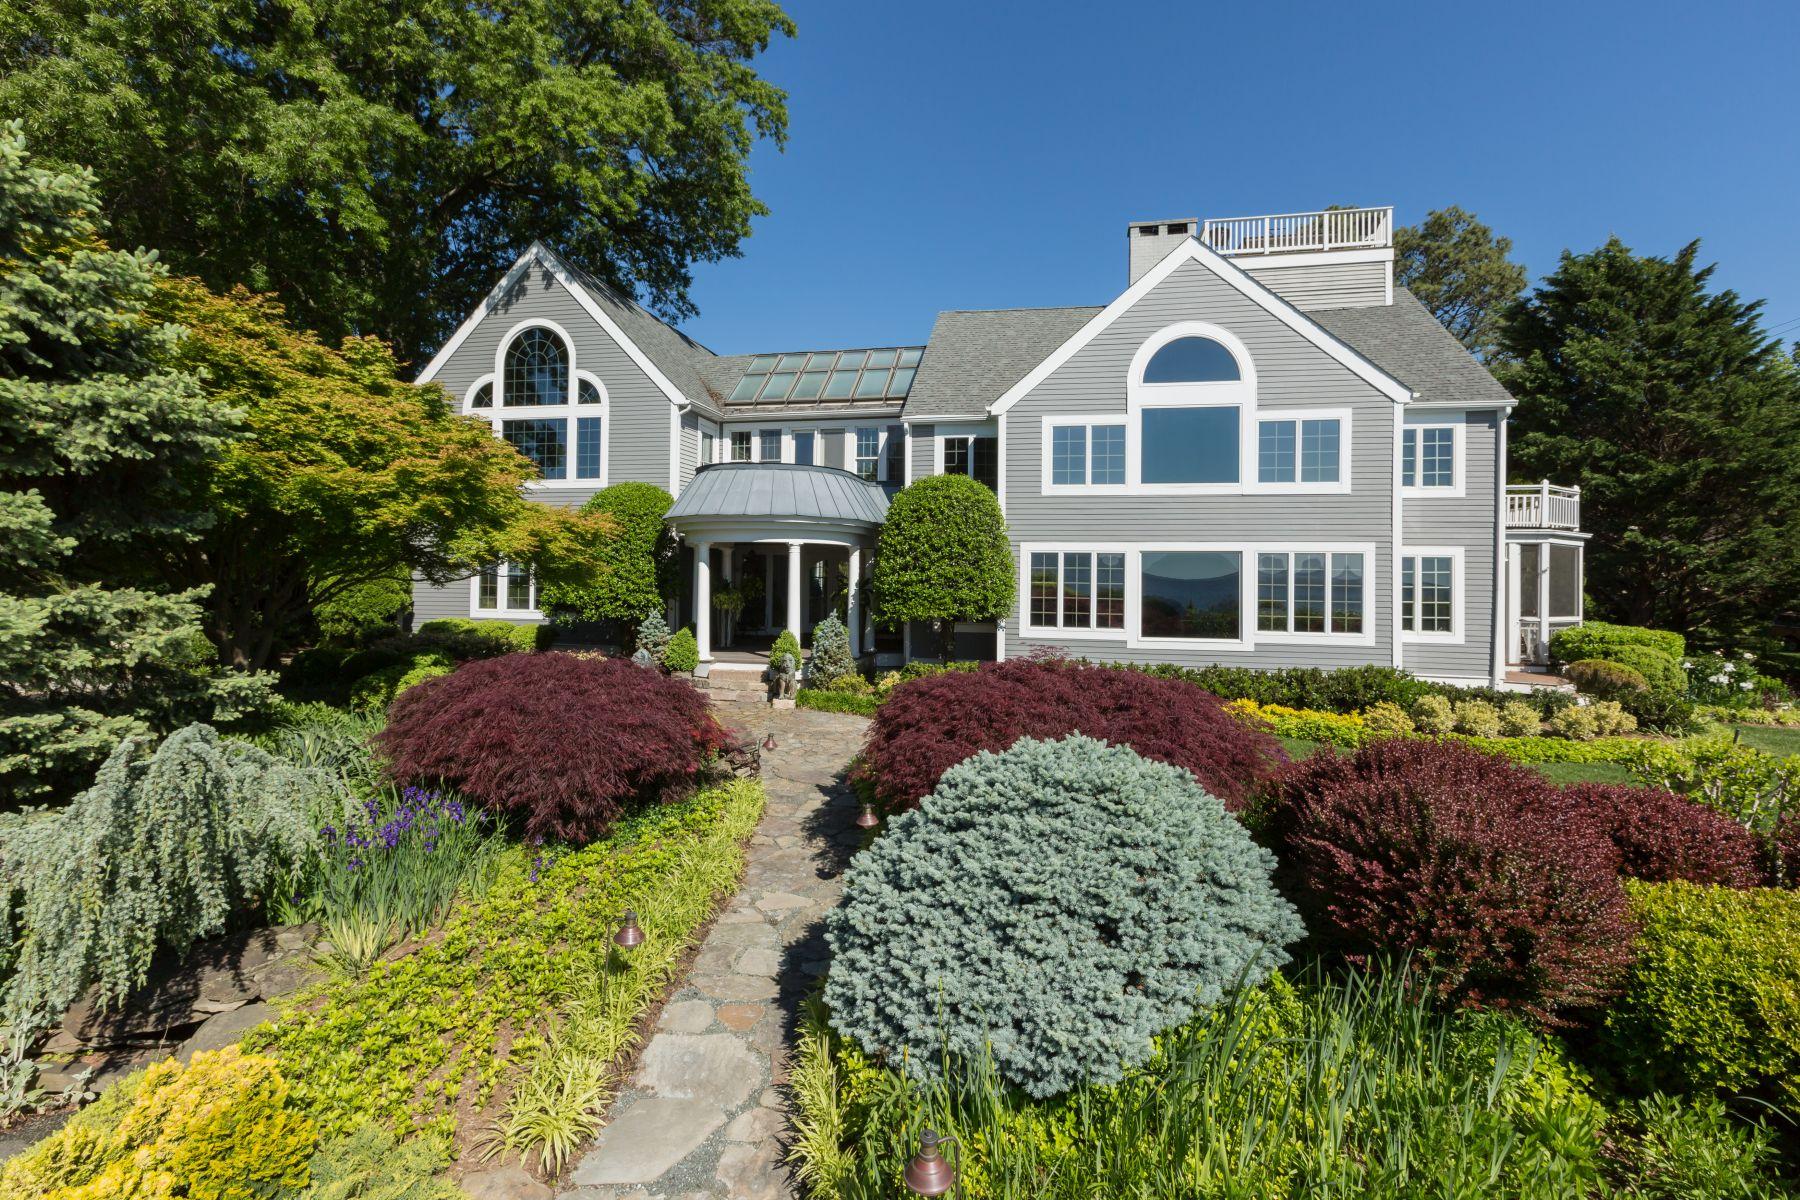 一戸建て のために 売買 アット 39 Bay Drive, Annapolis Annapolis, メリーランド, 21403 アメリカ合衆国